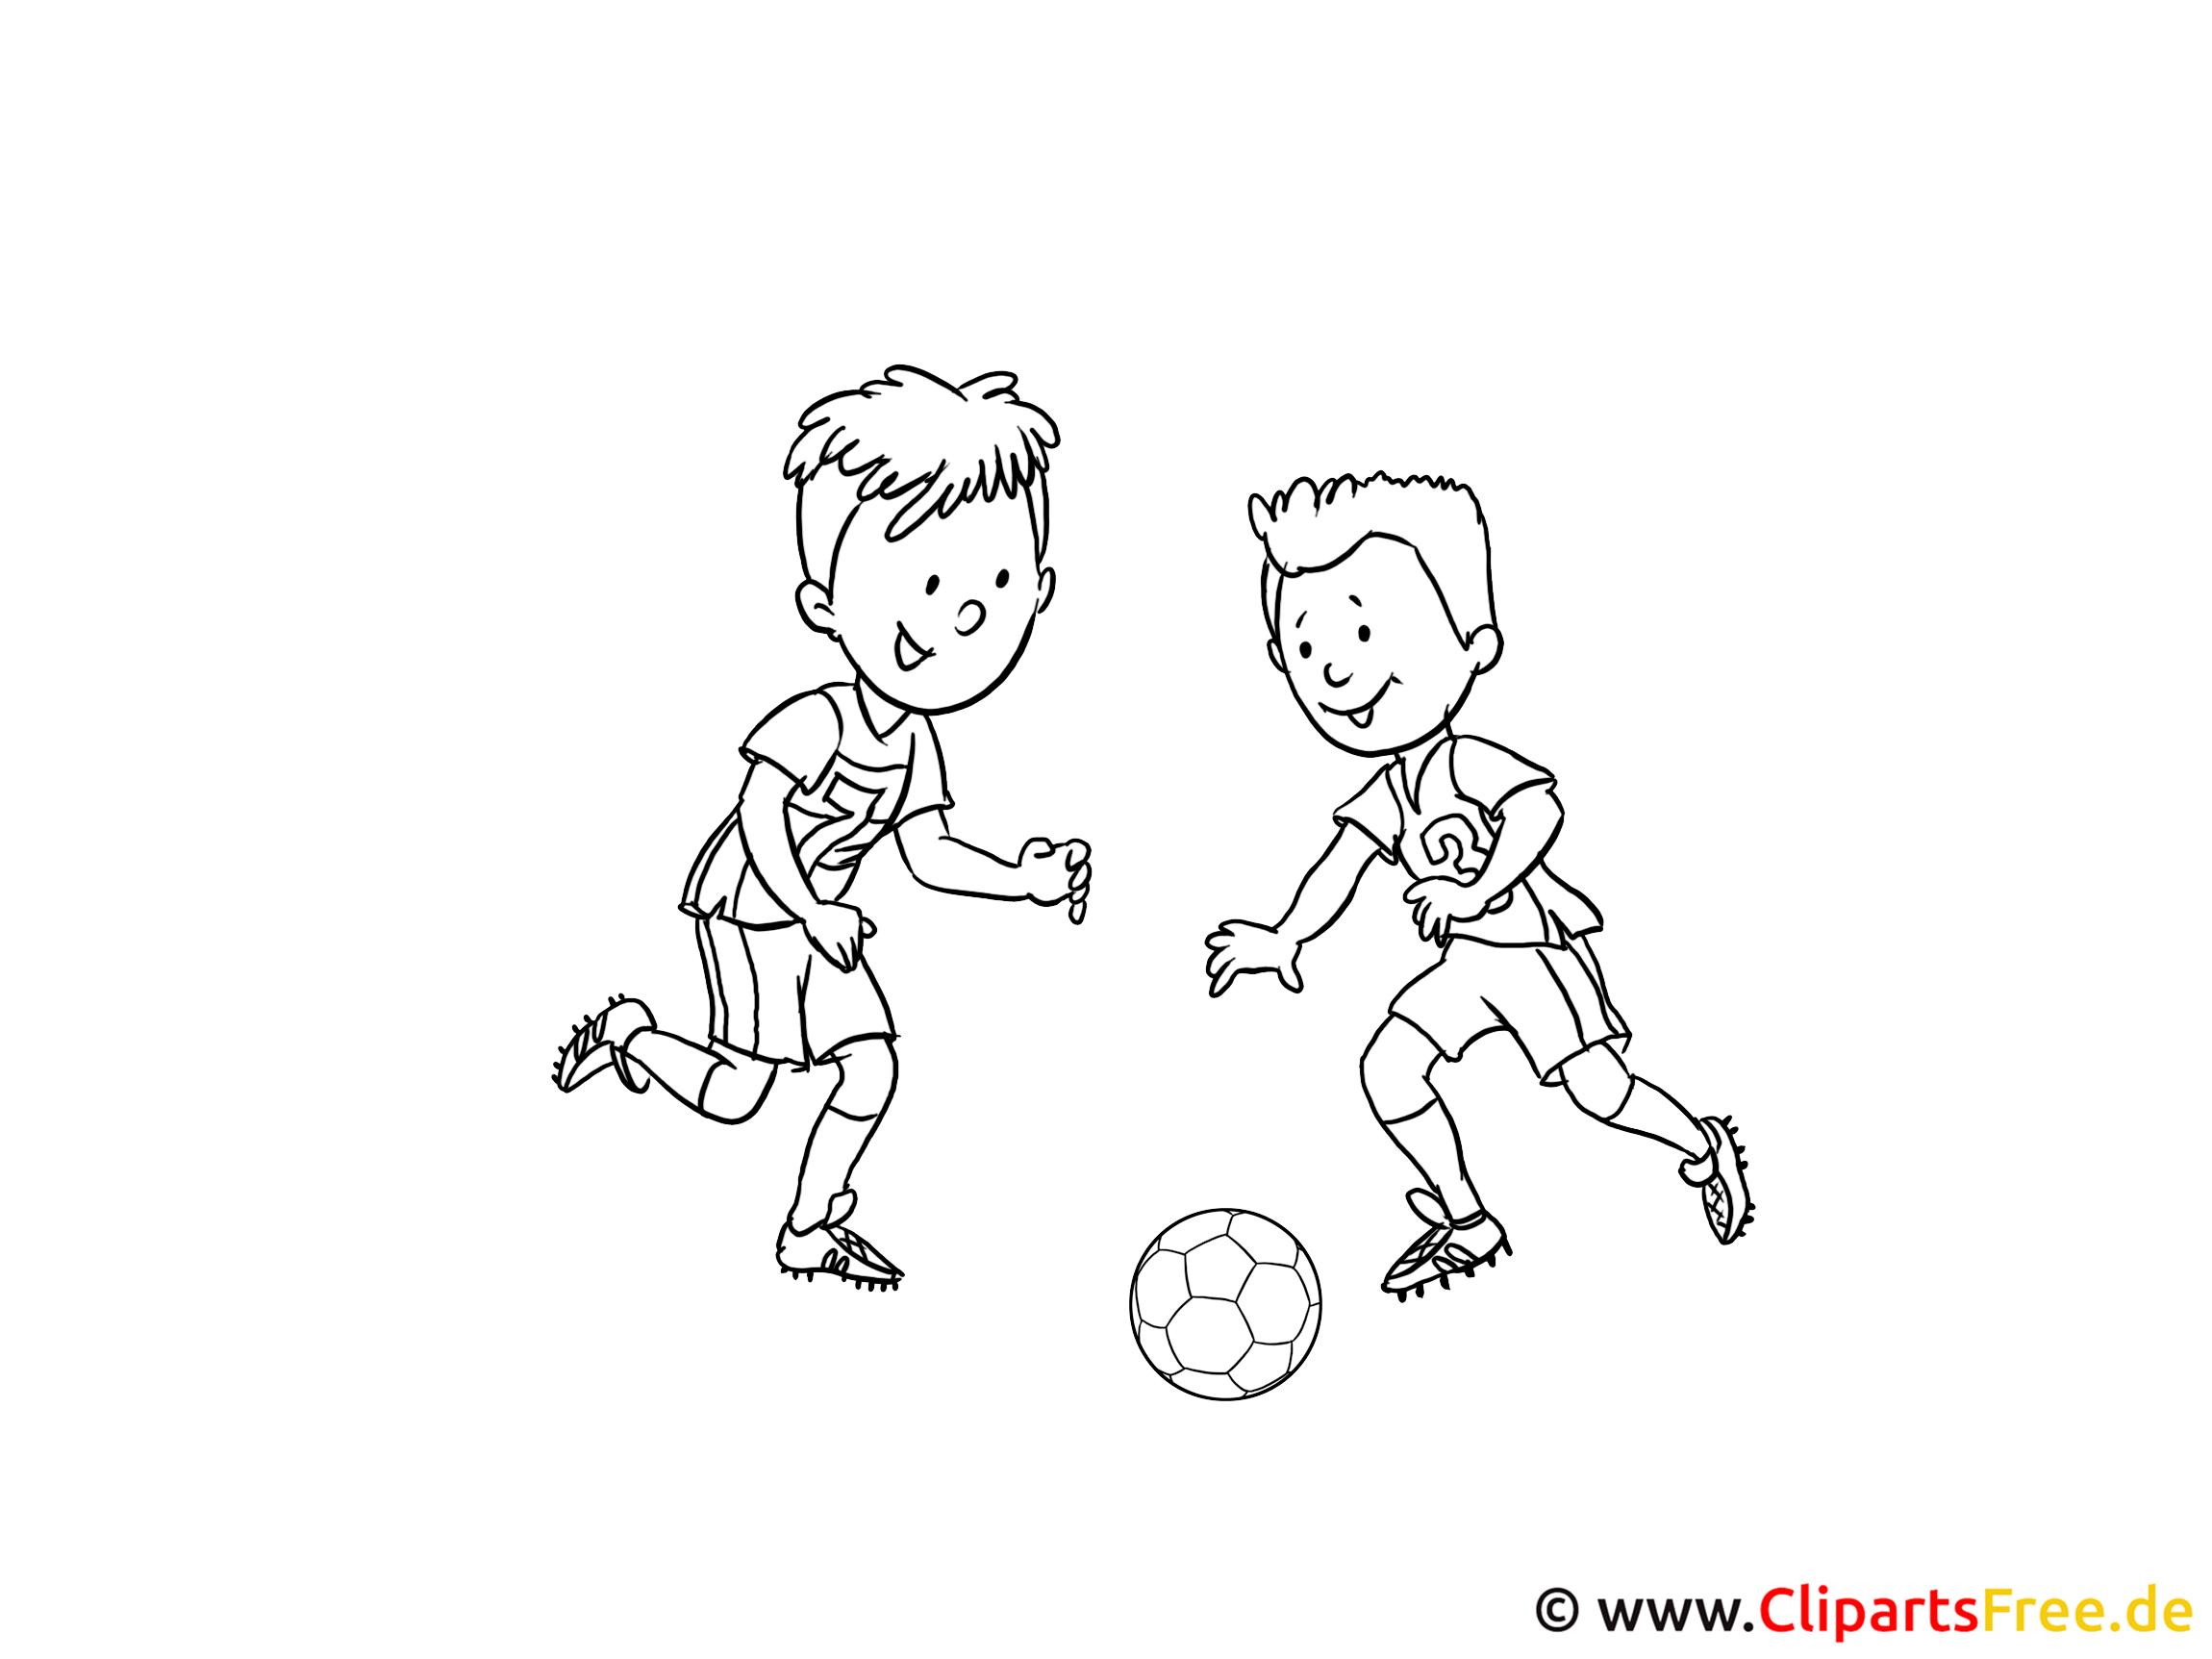 Fußball Ausmalbilder zum Drucken gratis